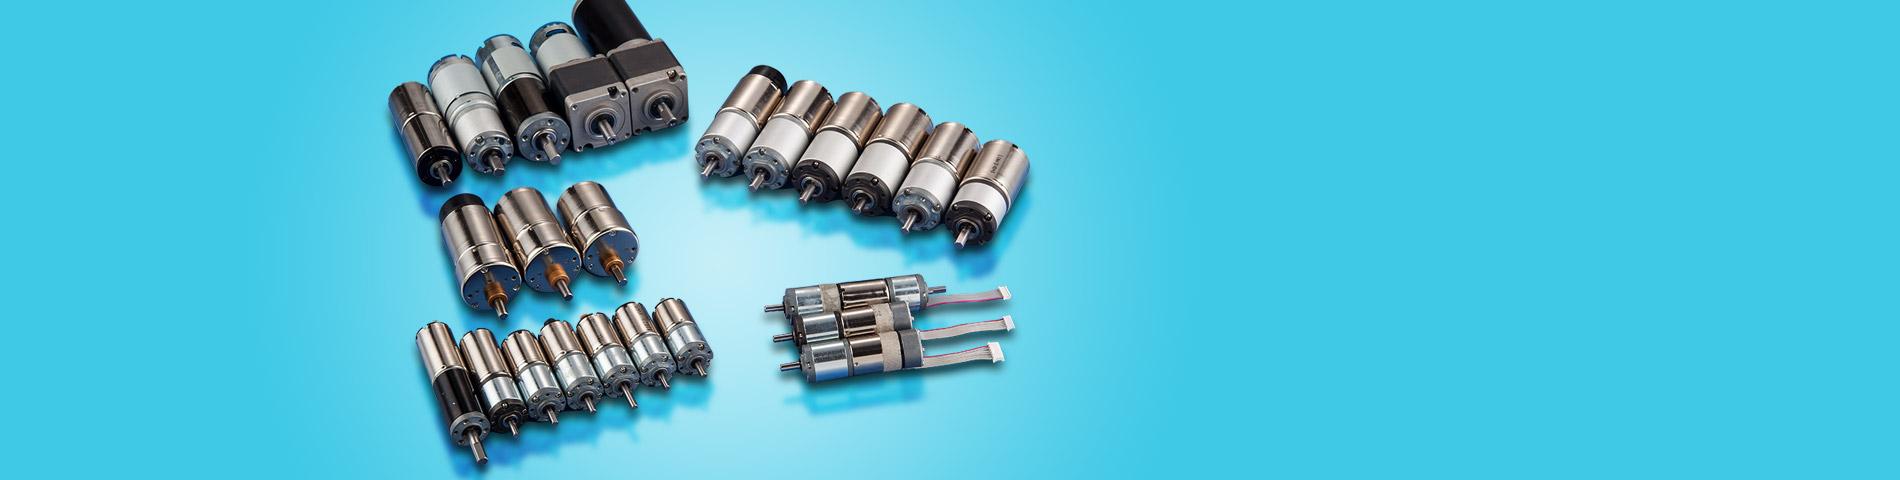 Ανάπτυξη & κατασκευή   μικροσκοπικών και   μικρών κινητήρων DC Gear